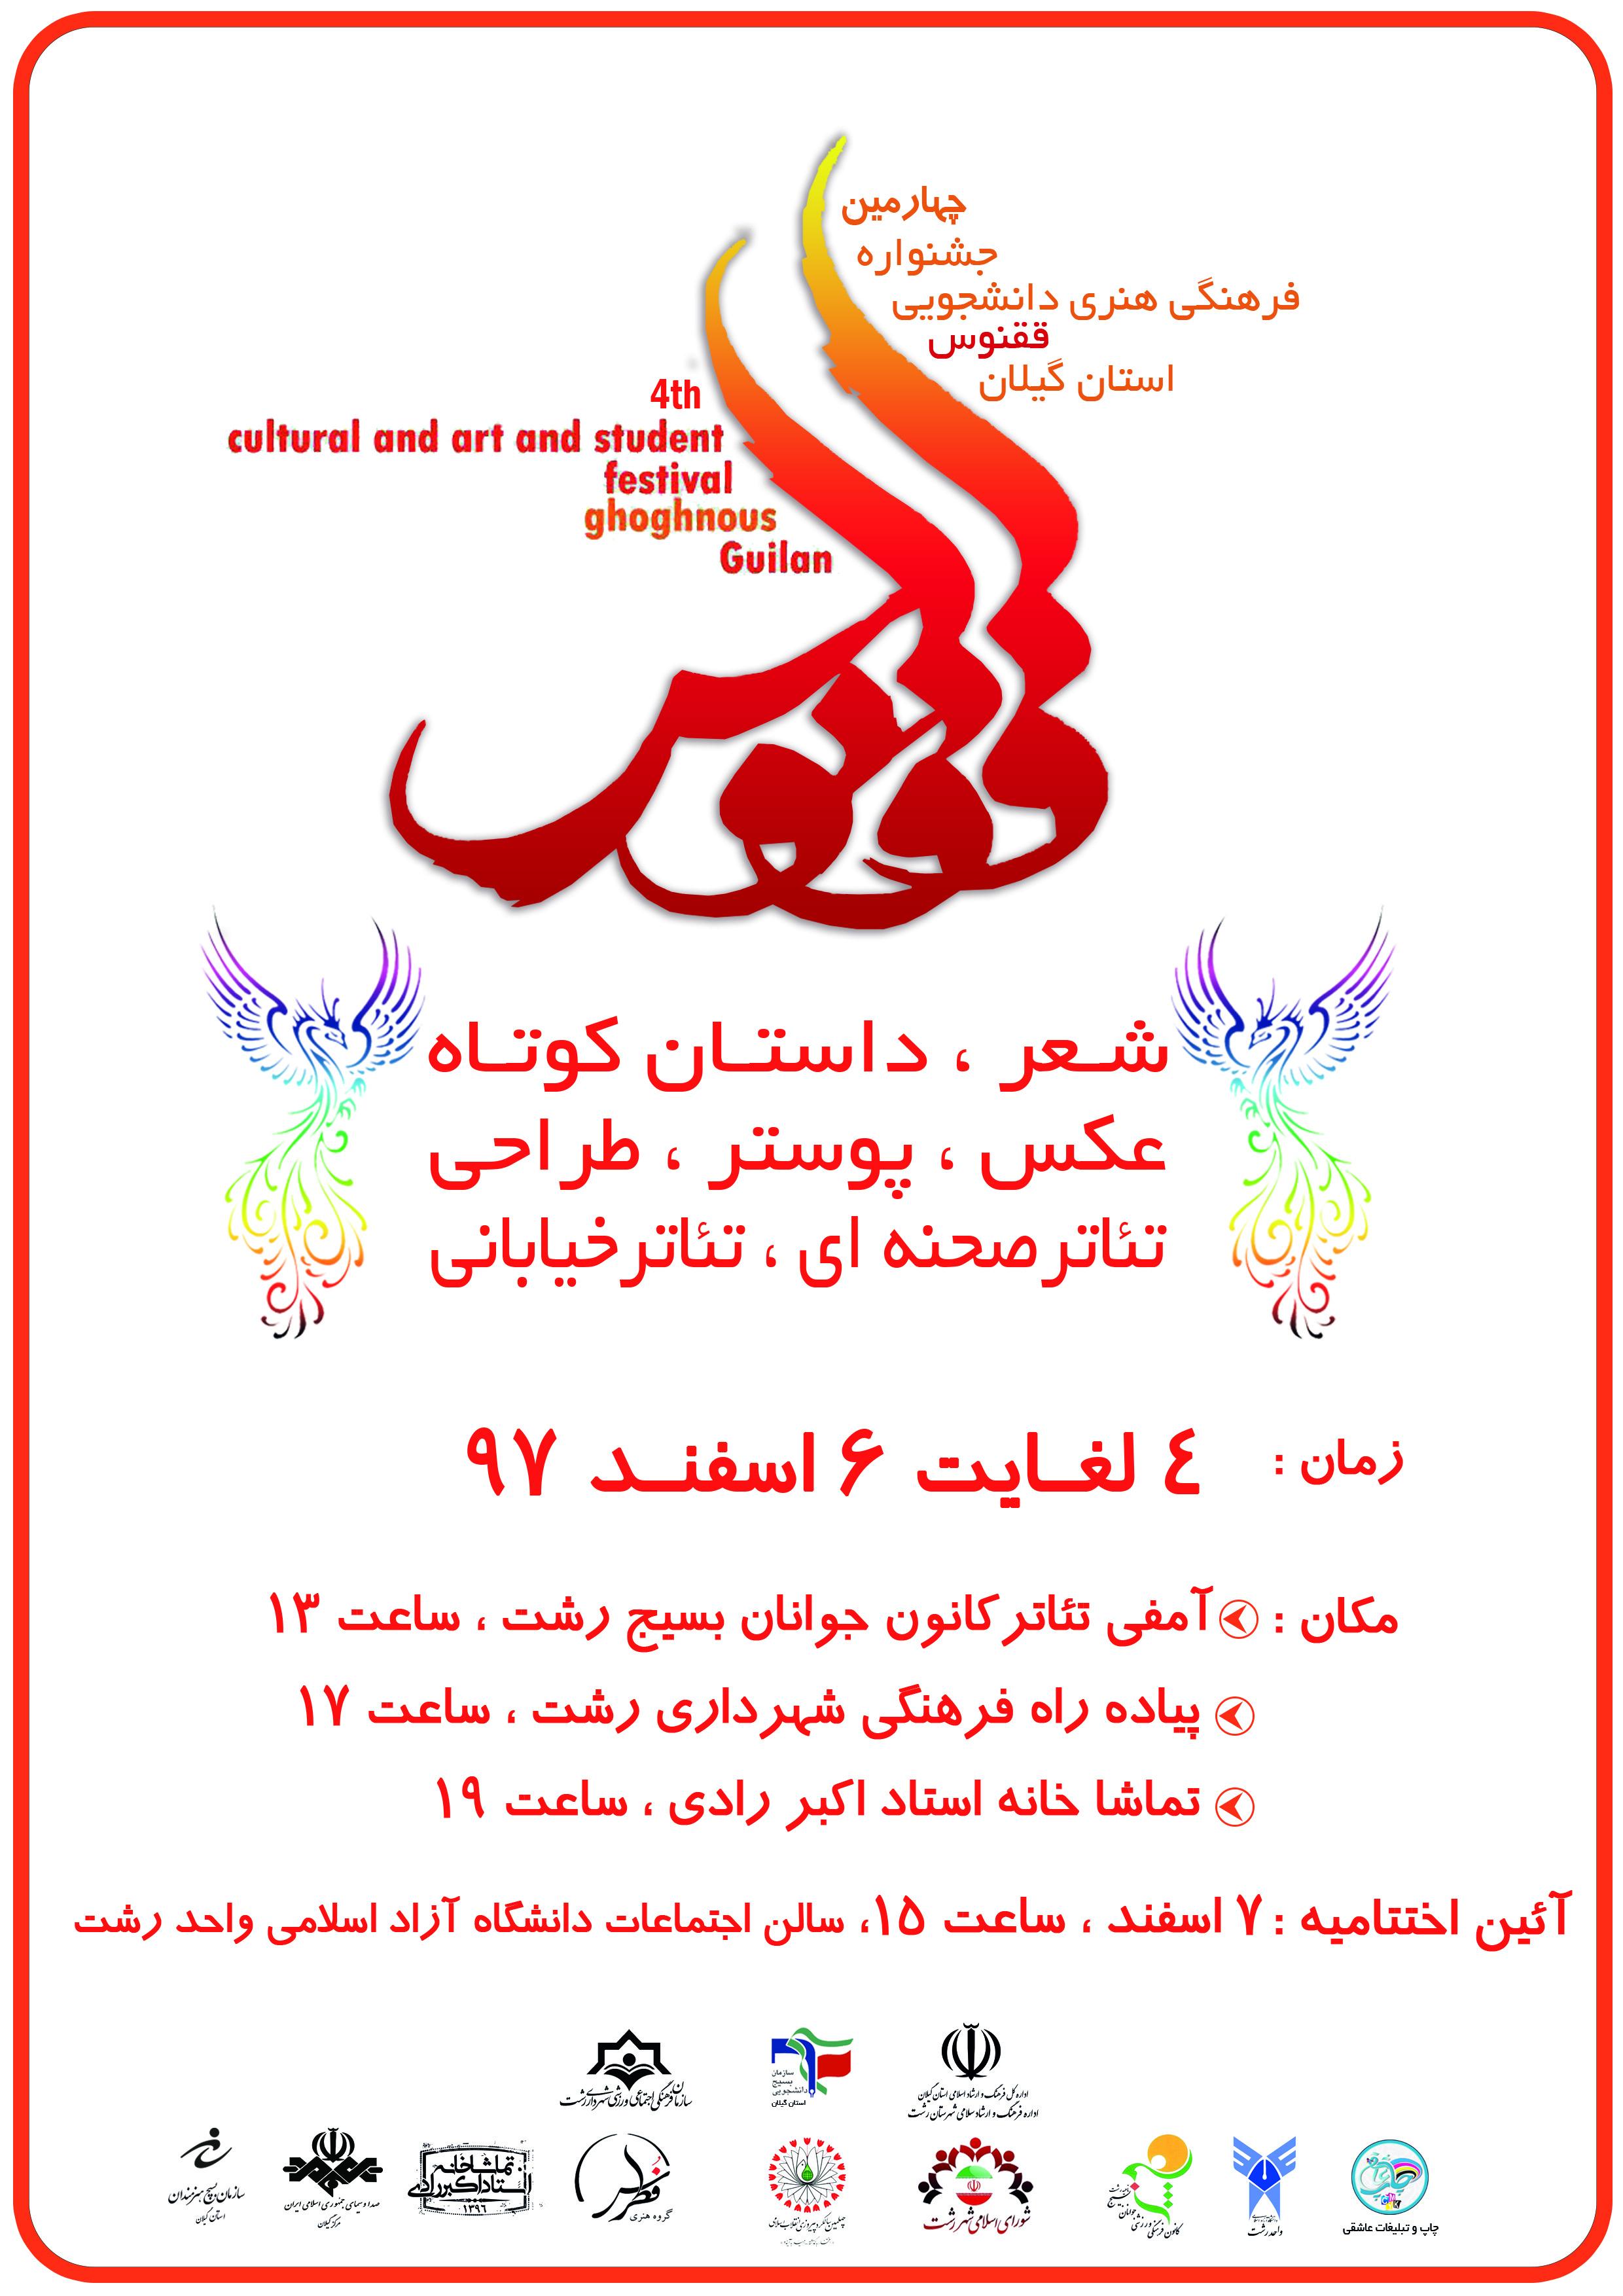 چهارمین جشنواره فرهنگی هنری دانشجویی ققنوس استان گیلان